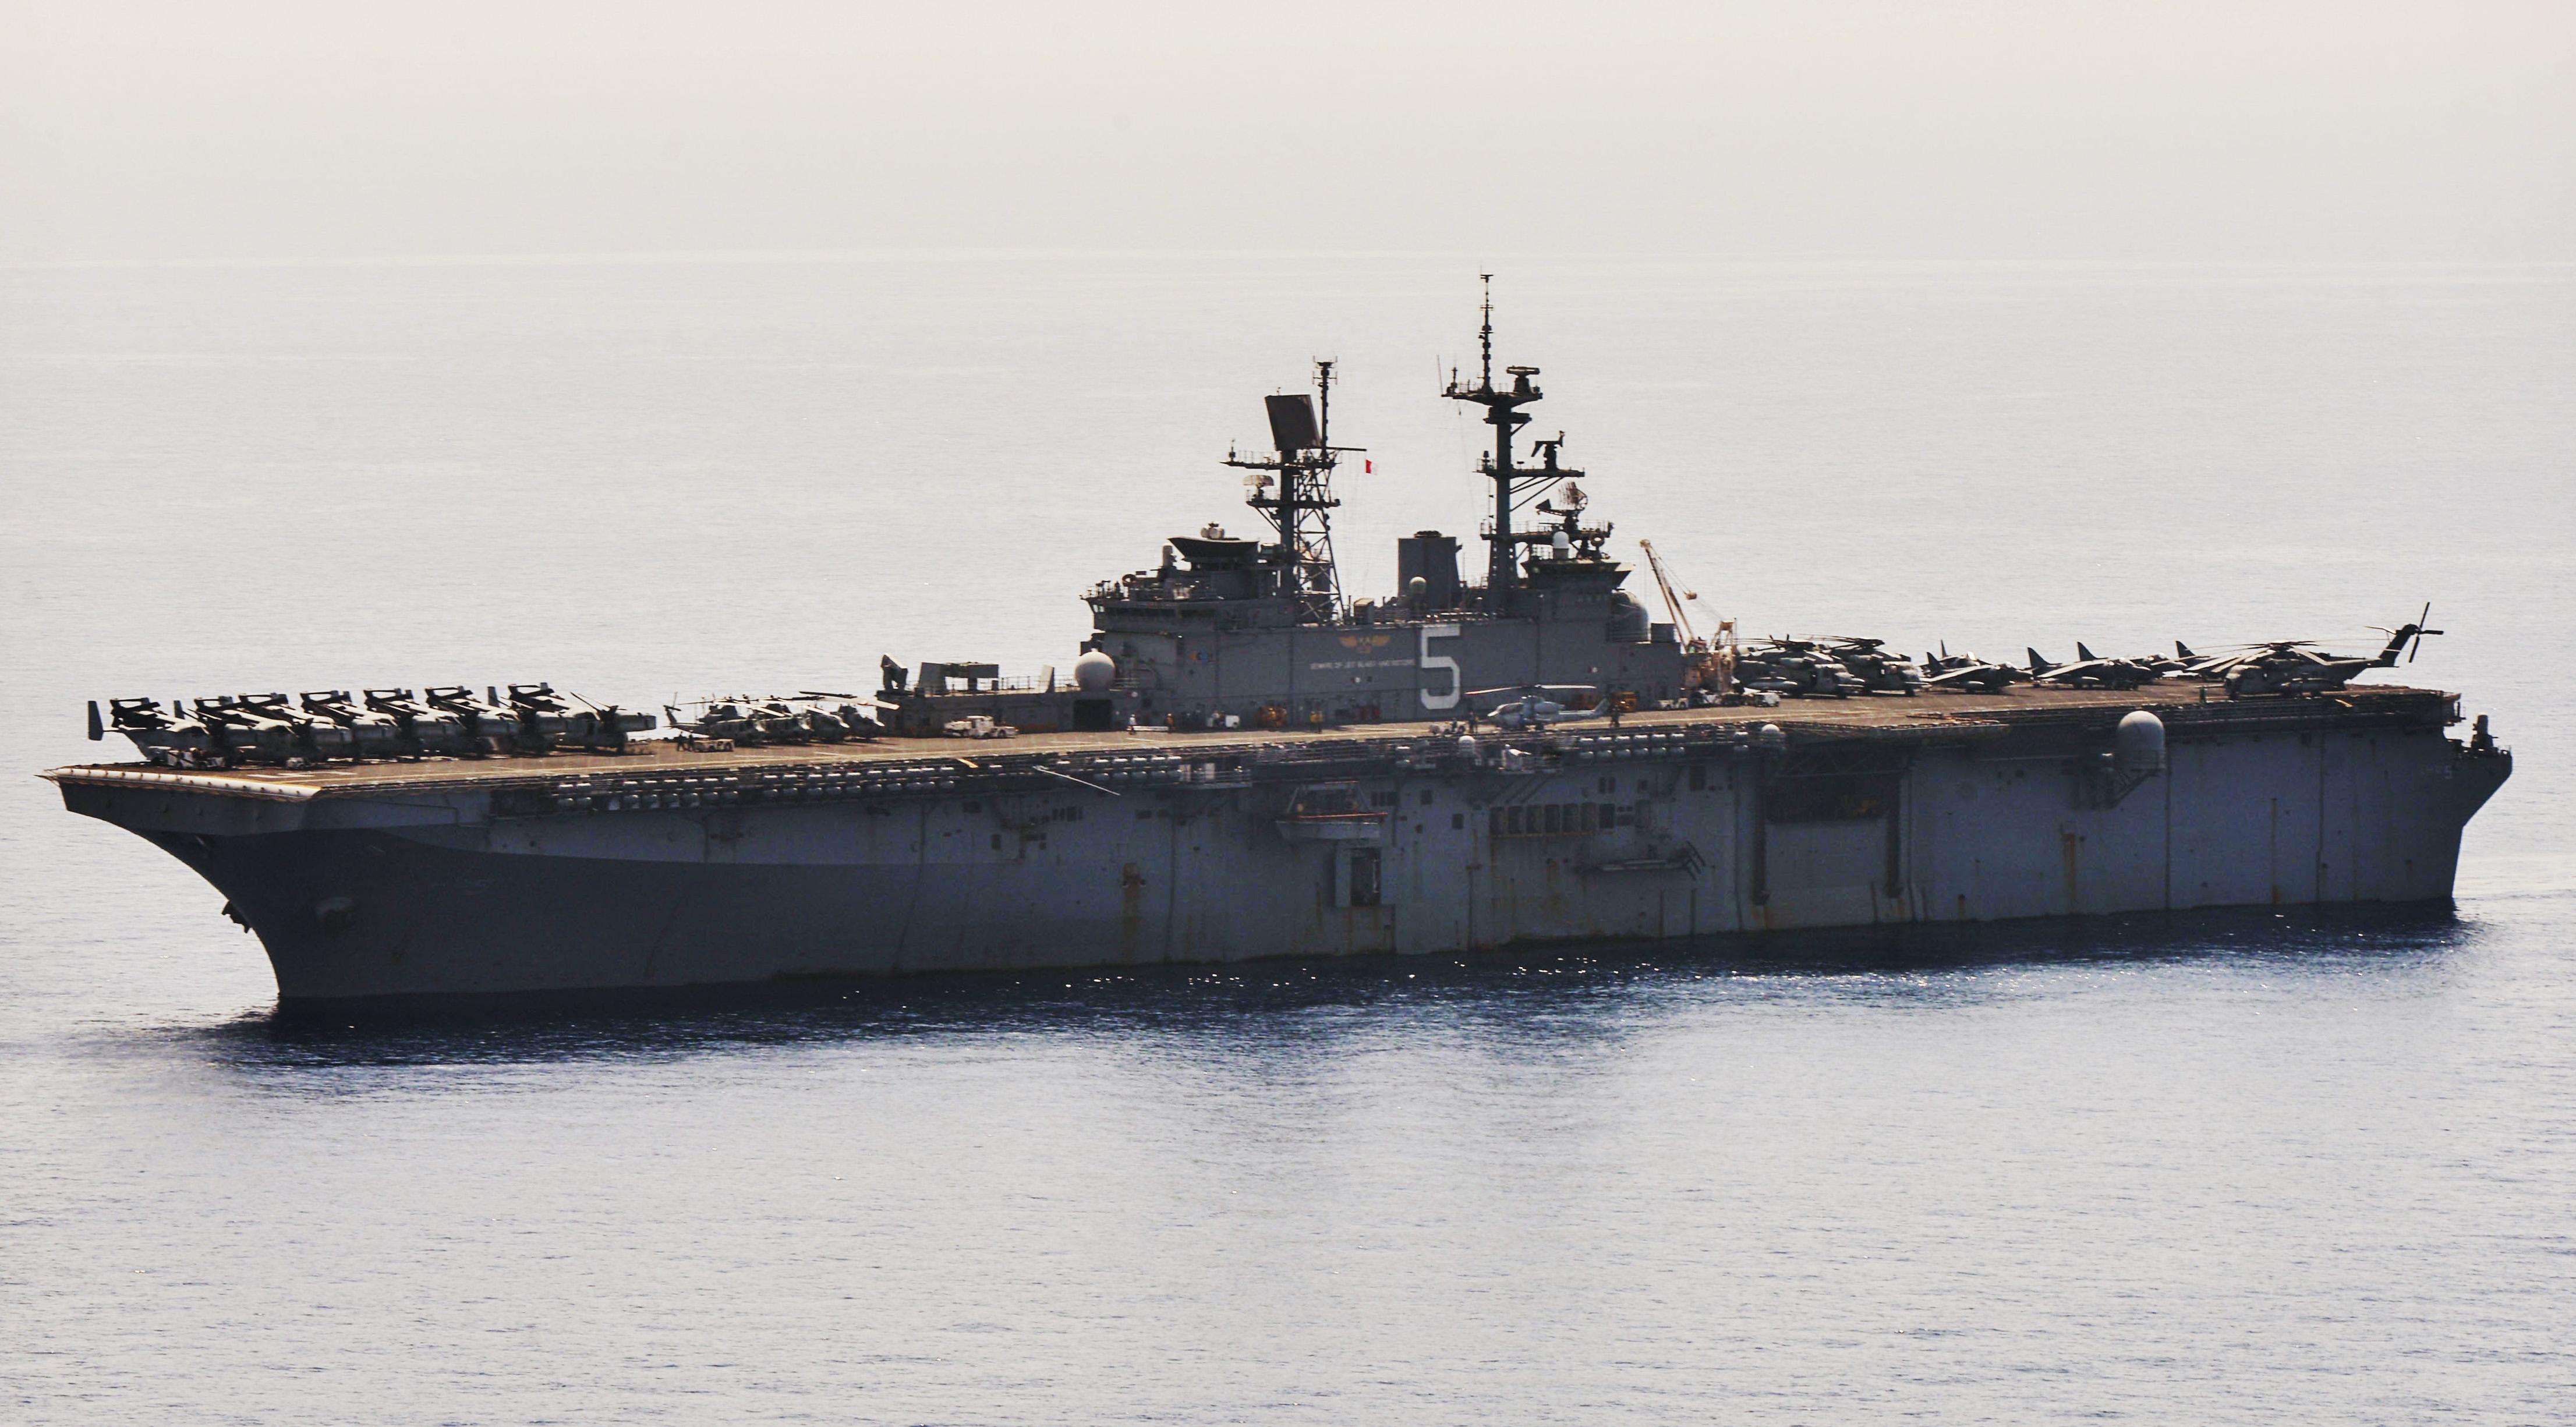 USS Bataan (LHD-5) on May 15, 2014. US Navy Photo